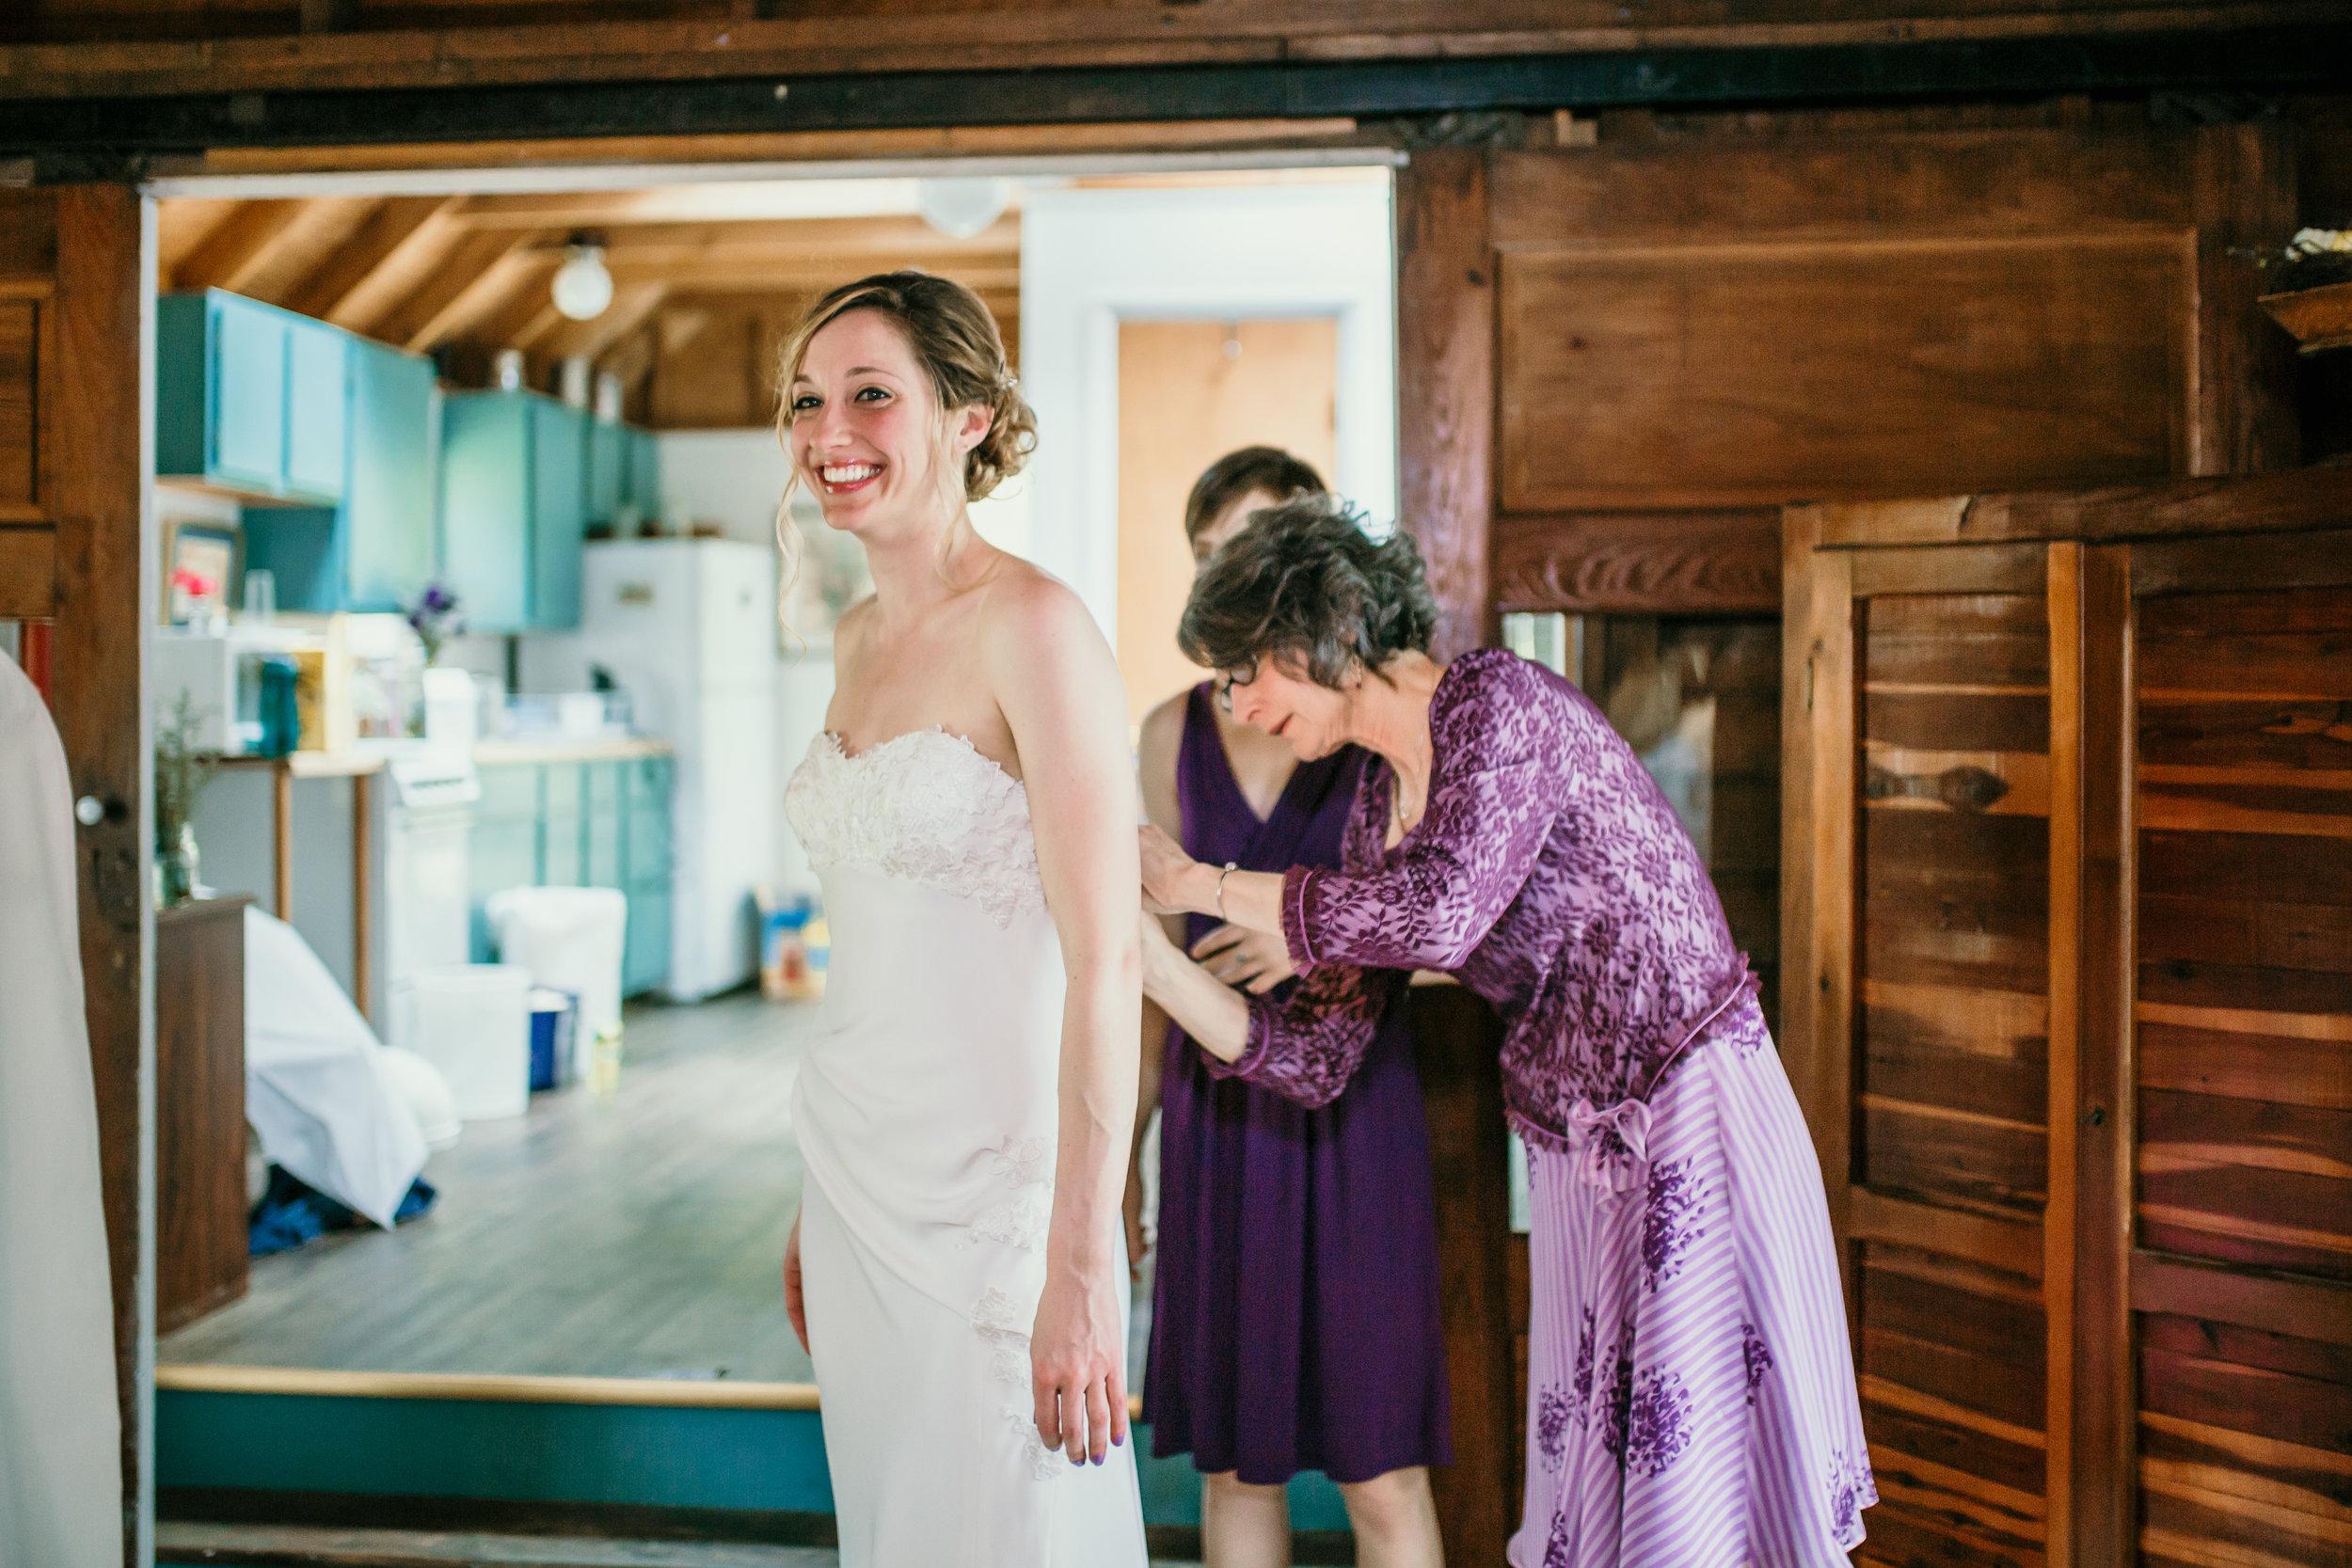 Jackalope Photography  www.jackalopephotography.com/